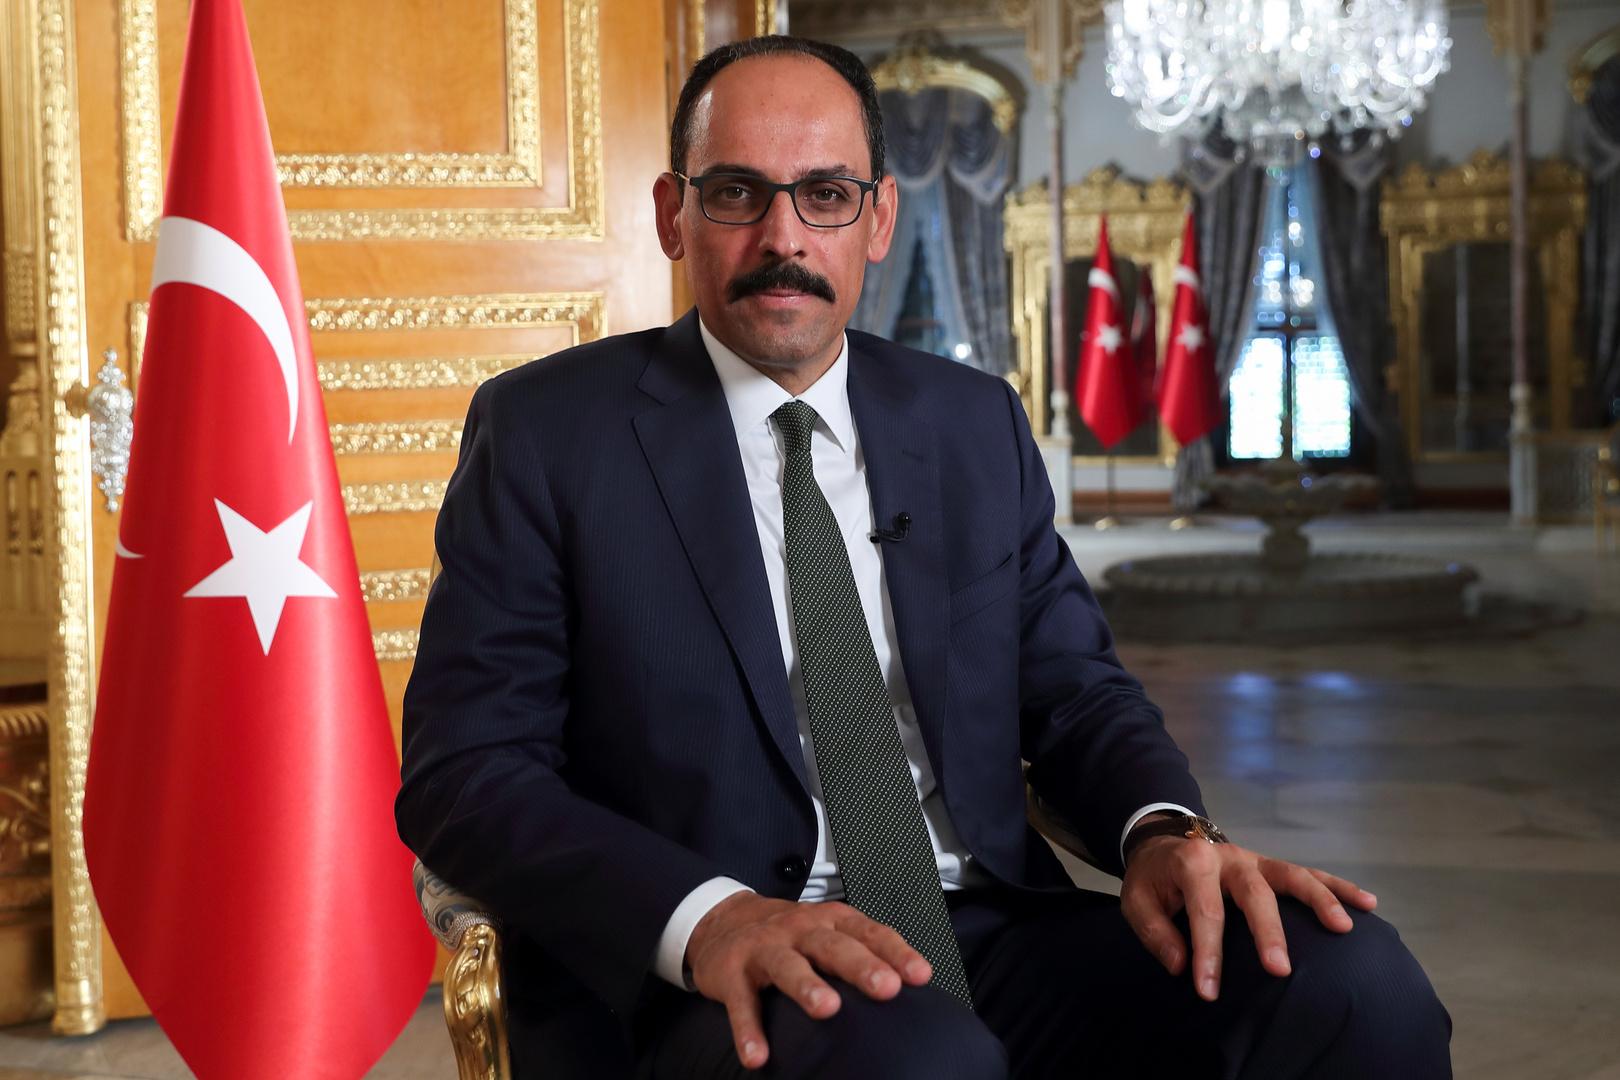 المتحدث باسم الرئاسة التركية، إبراهيم قالن